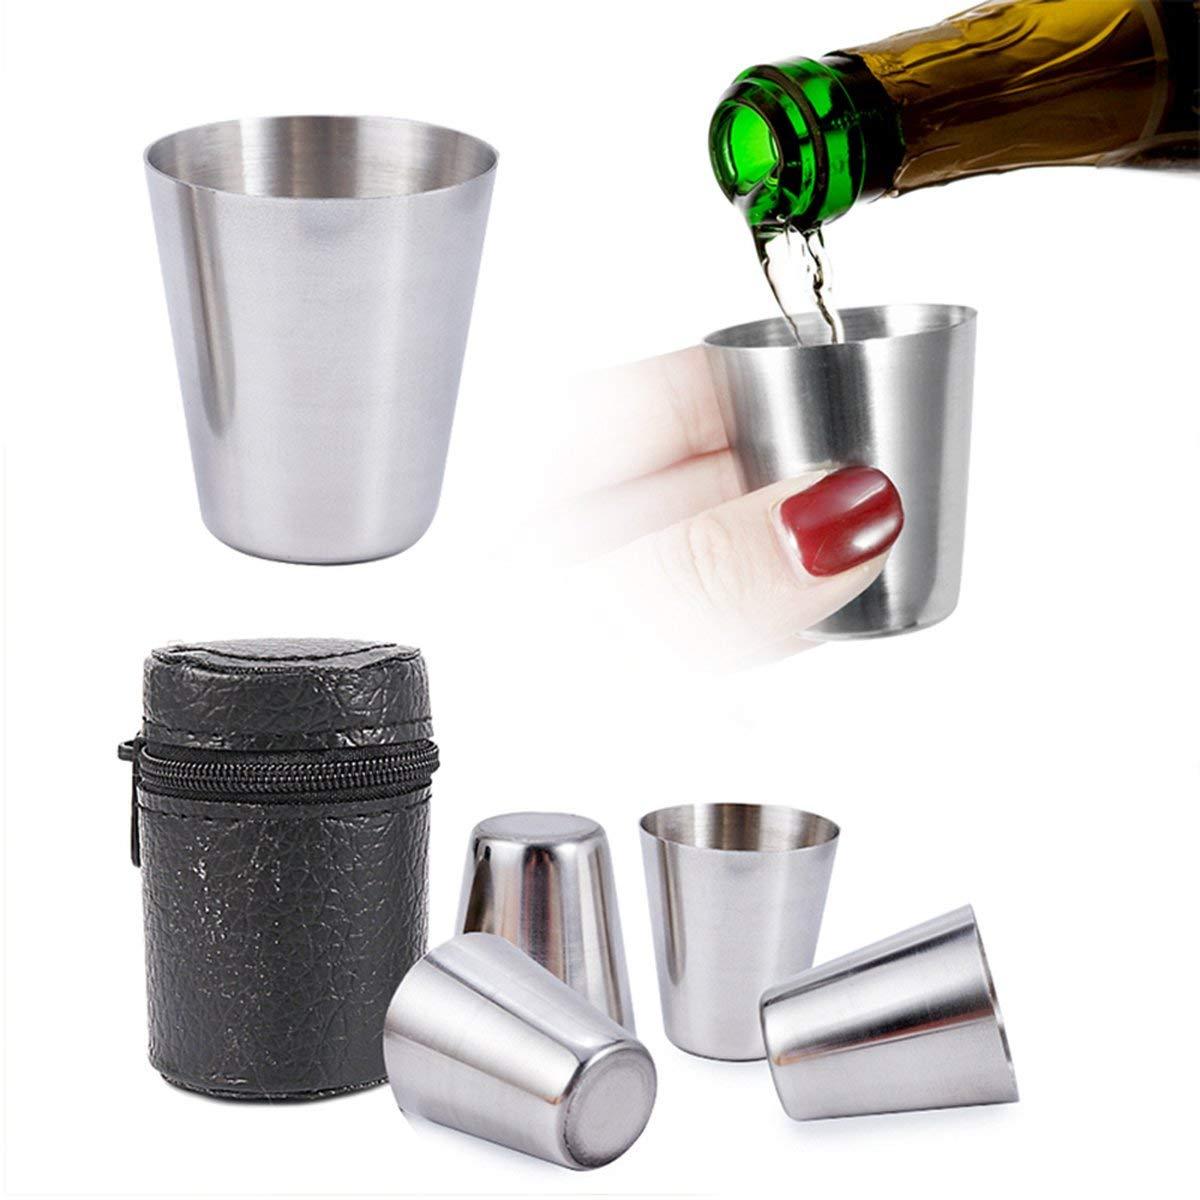 Gugutogo 4 Piezas//Juego Mini vaso de chupito de 30 ml pulido Vaso de acero inoxidable Vasos para beber con bolsa de cuero